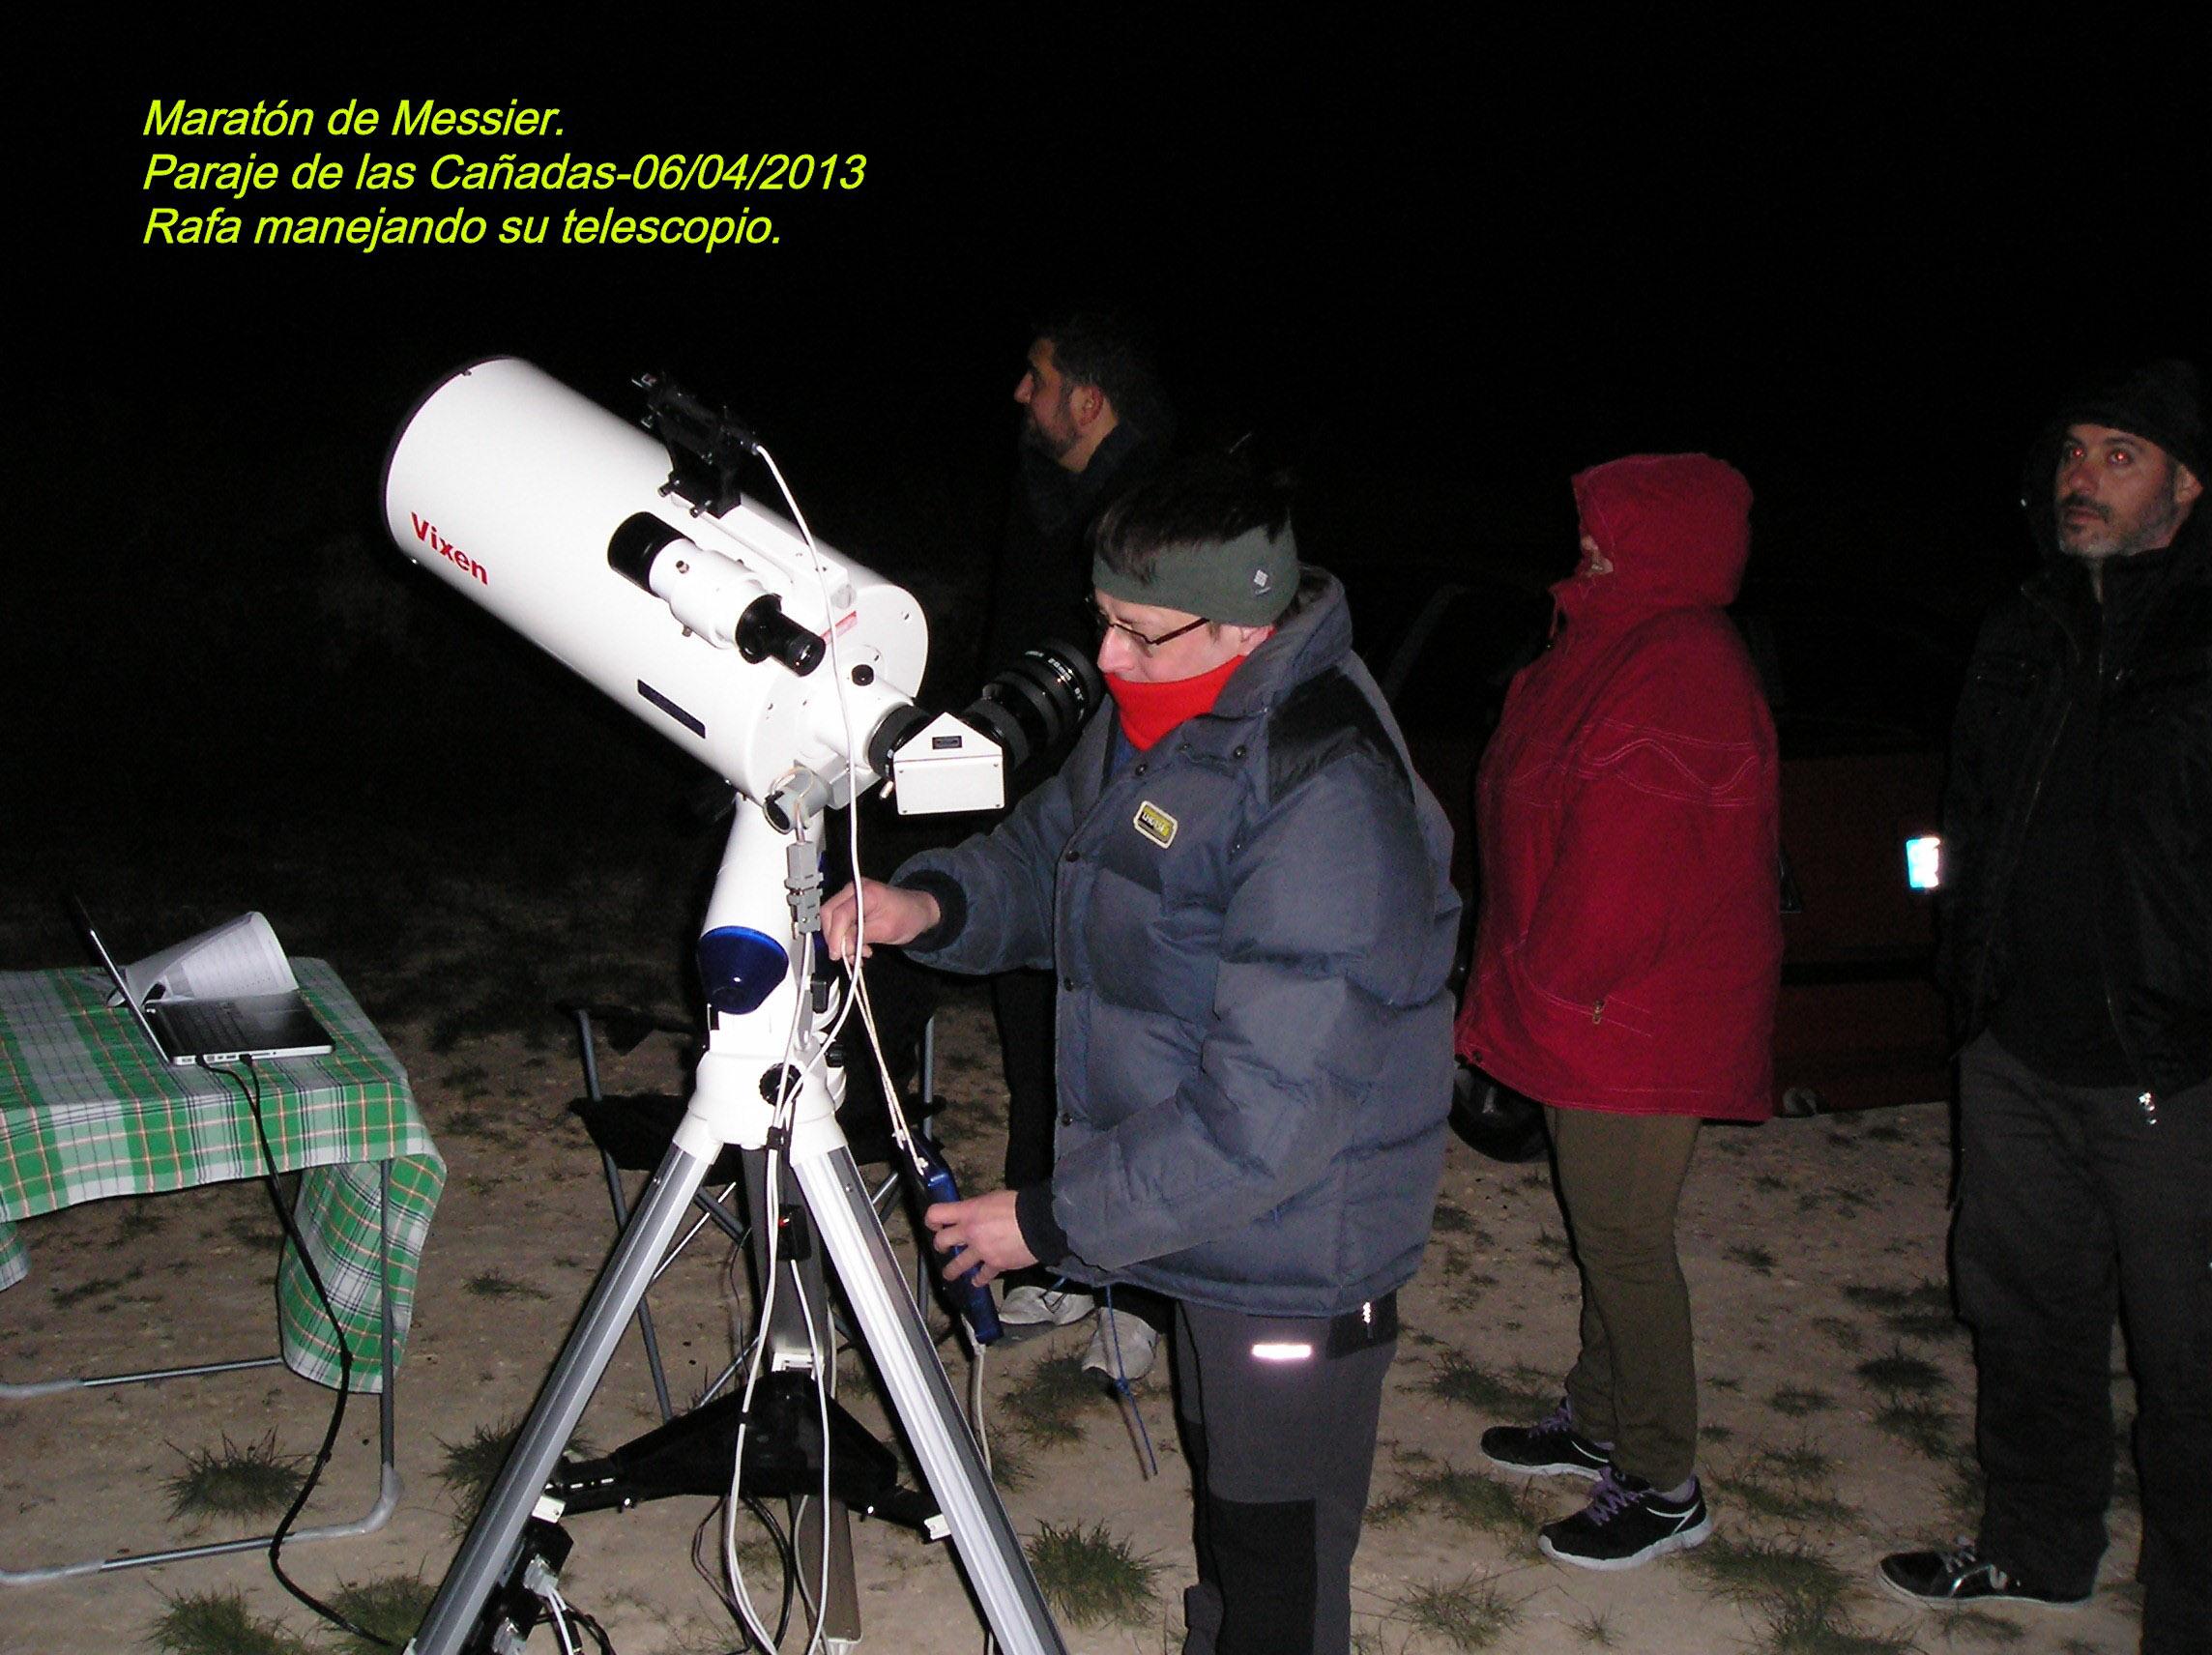 Éxito del Maratón Messier 2013